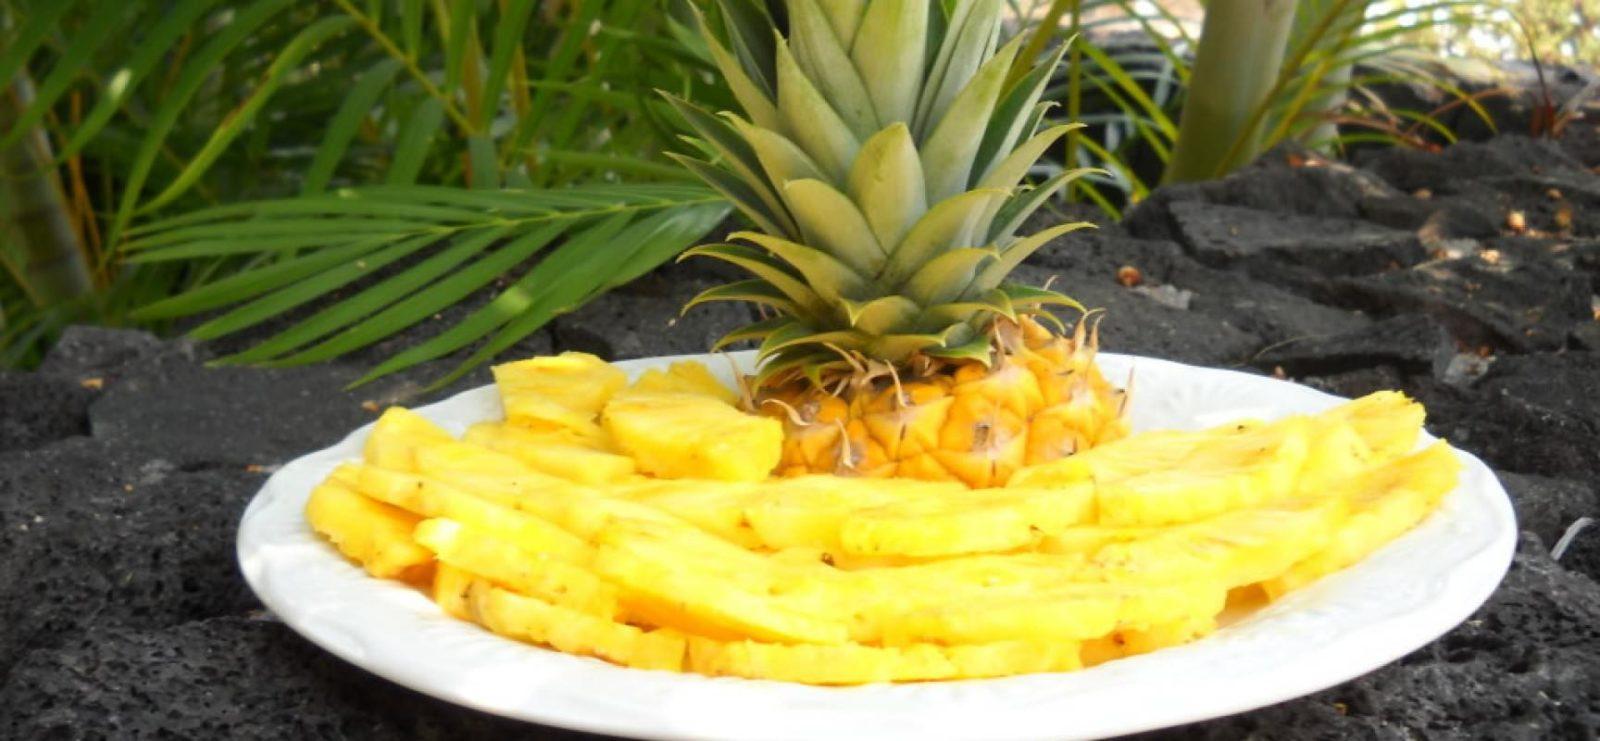 kak-pravilno-chistit-ananas (3)